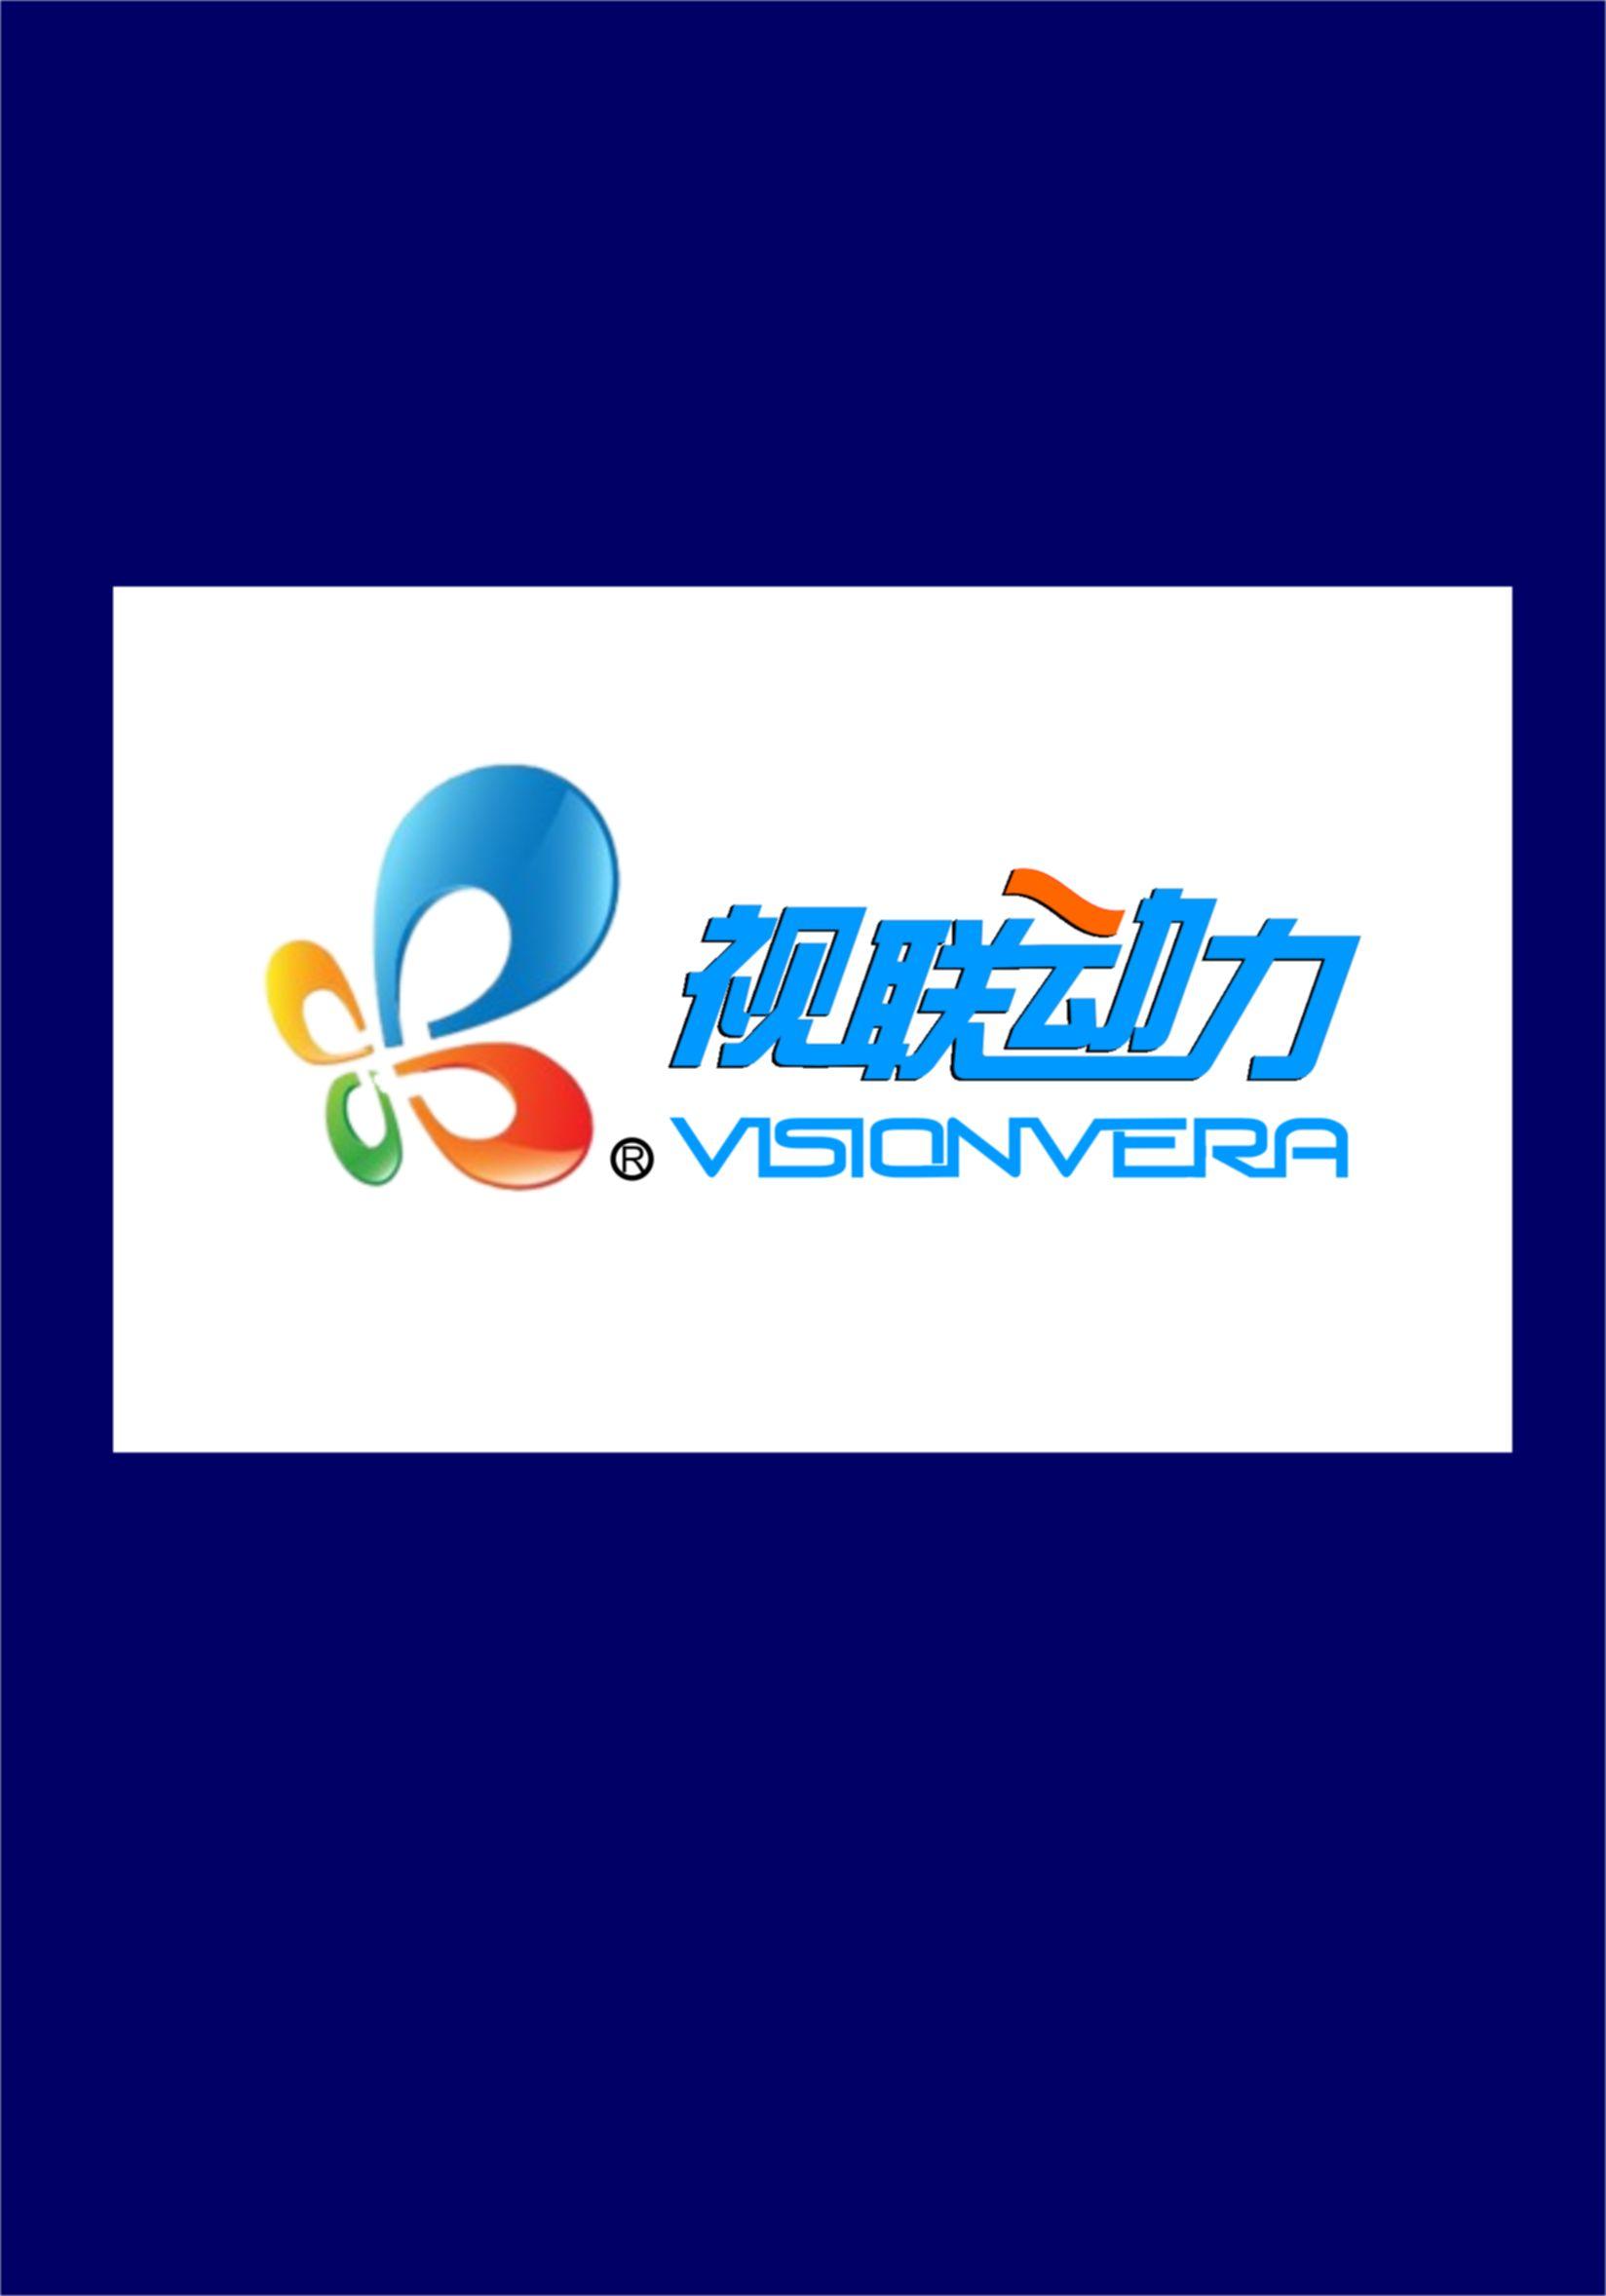 国外公司名称大全_公司店铺起名_安康起名网免费取名